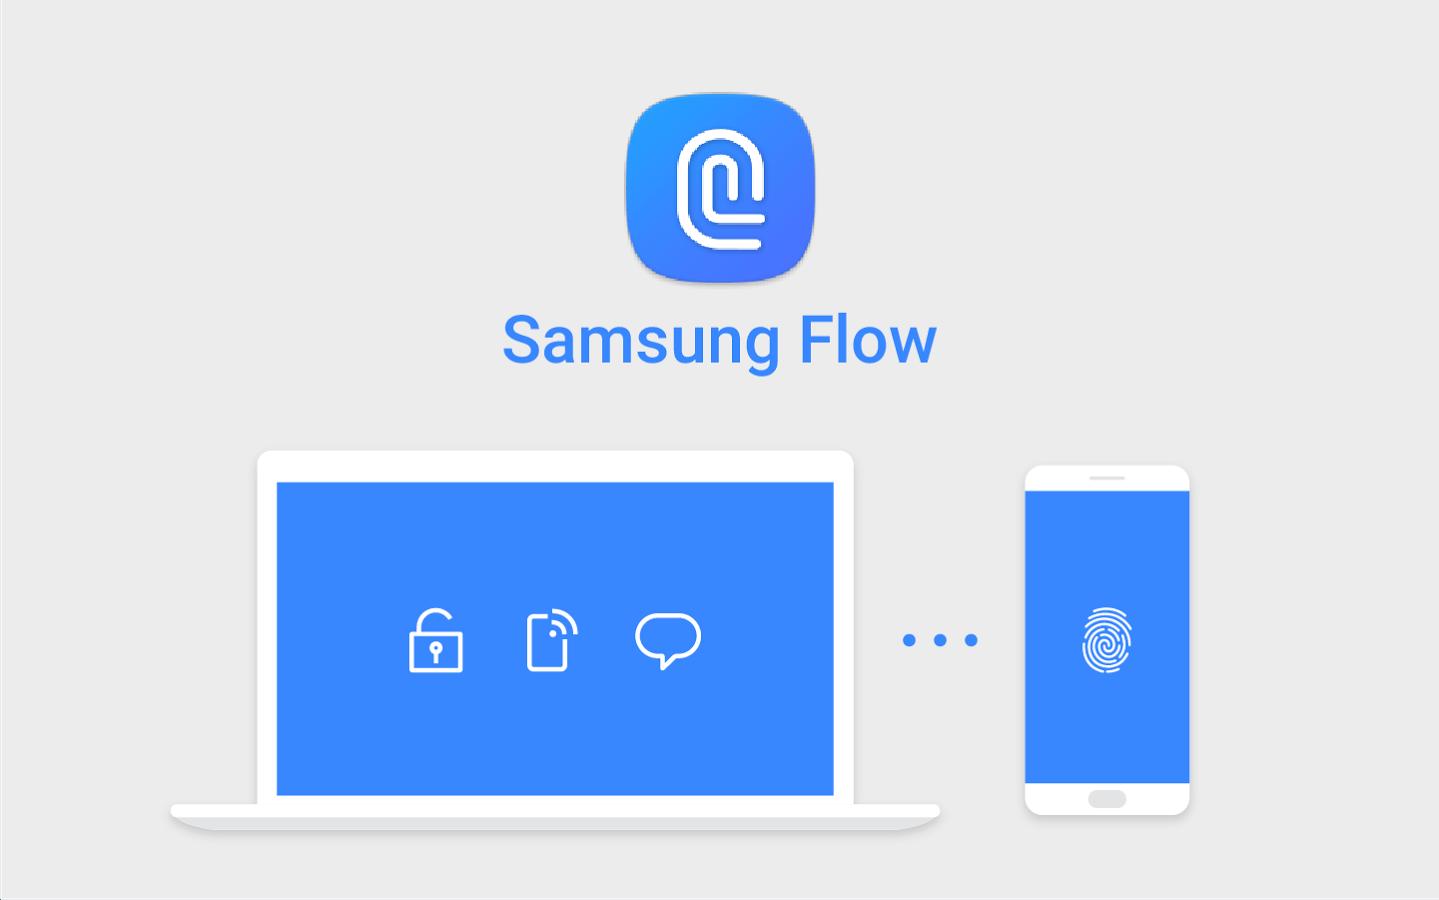 Déverrouillez Windows 10 avec le capteur d'empreintes de votre téléphone Samsung